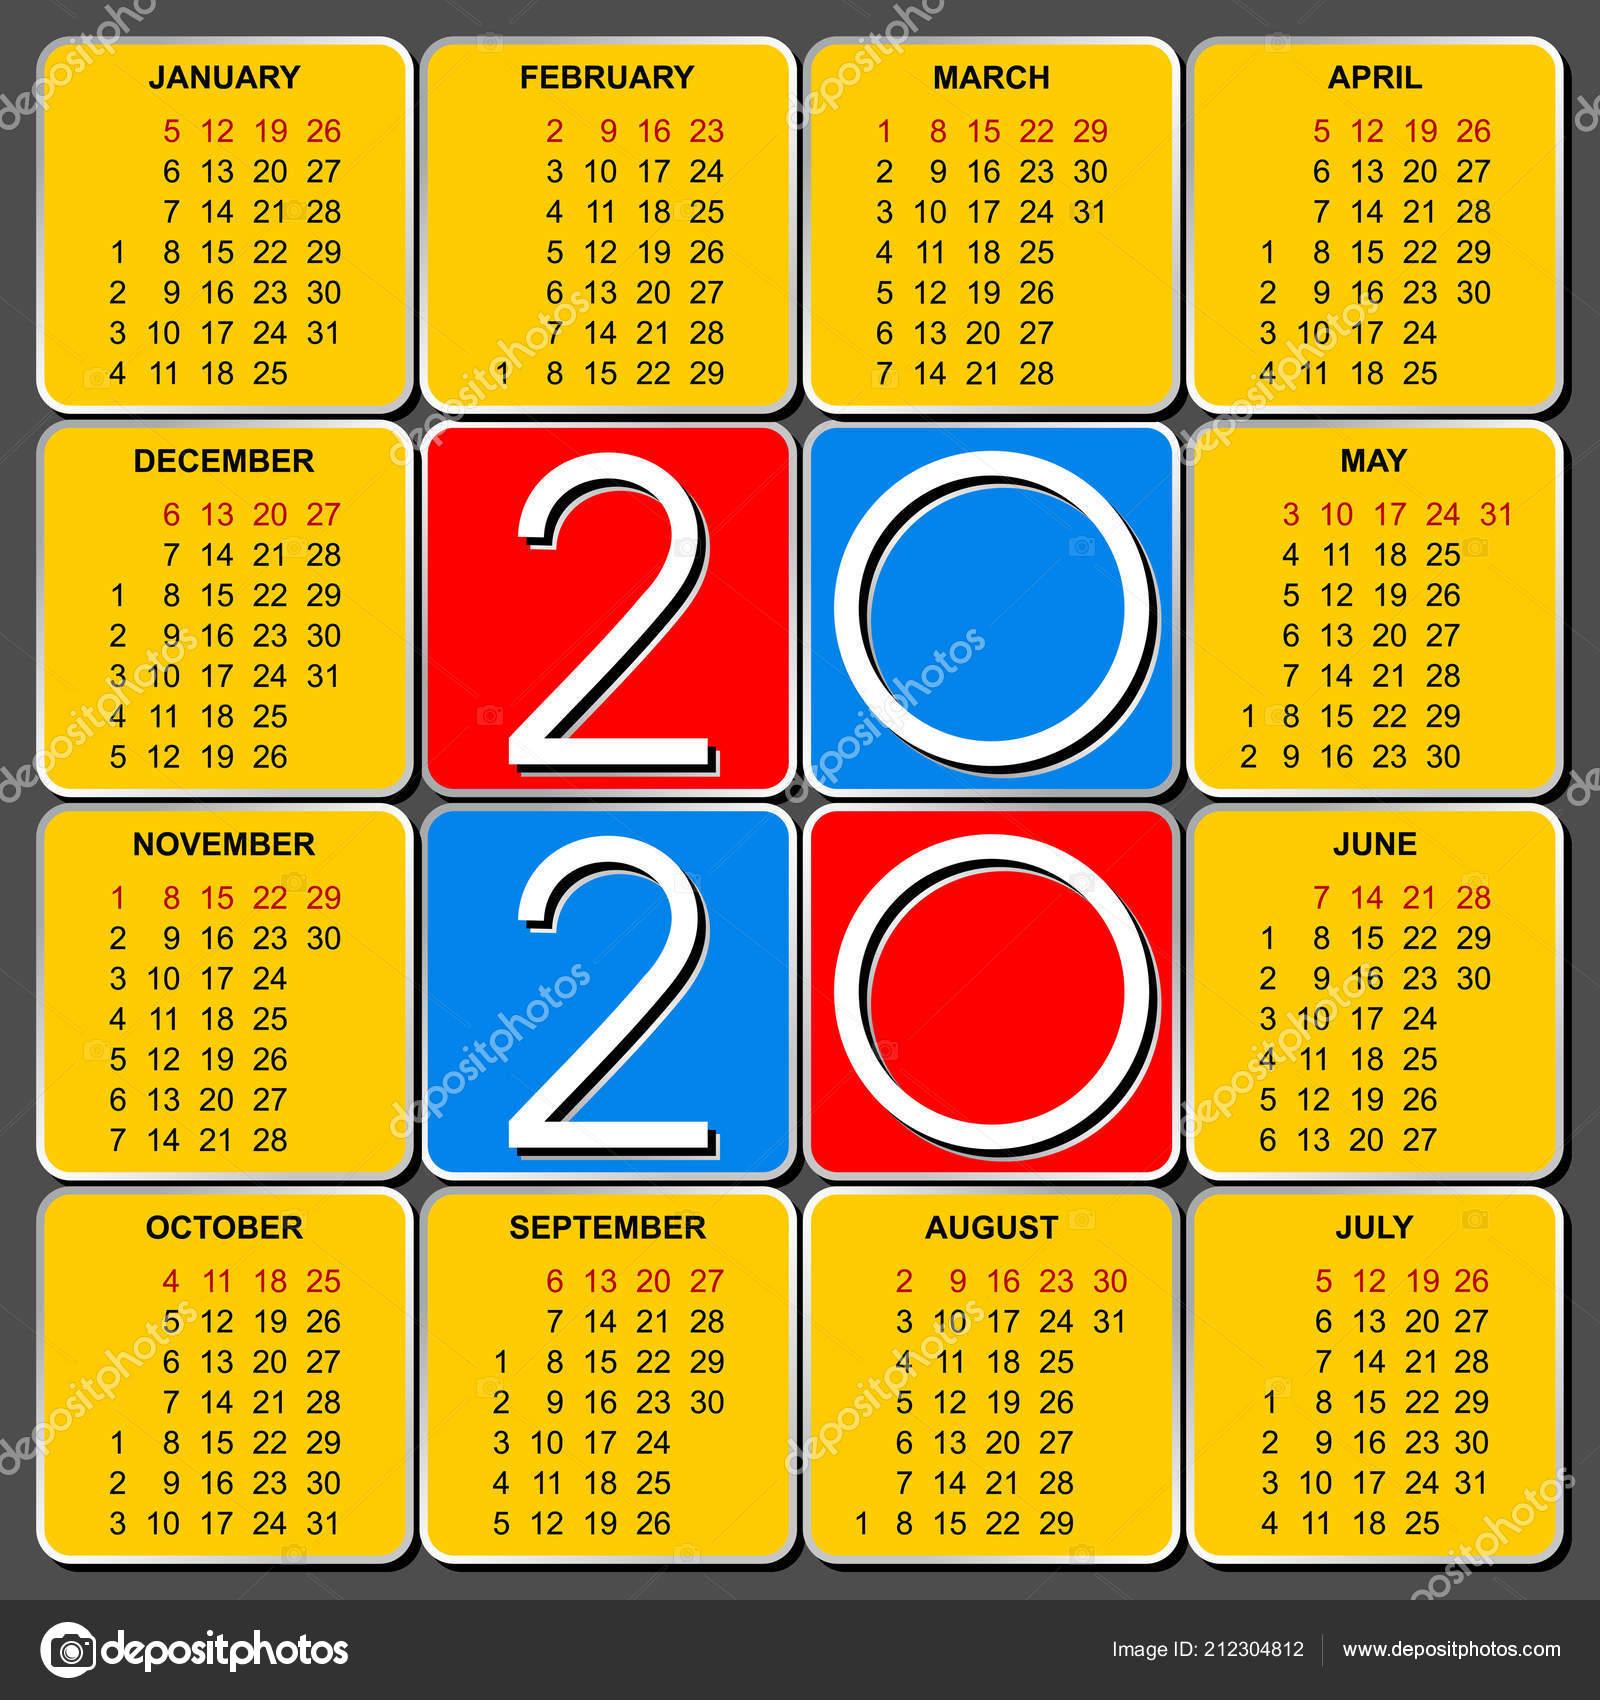 Шаблон Американский Календарную Сетку 2020 Векторе for Wincalendar July 2020